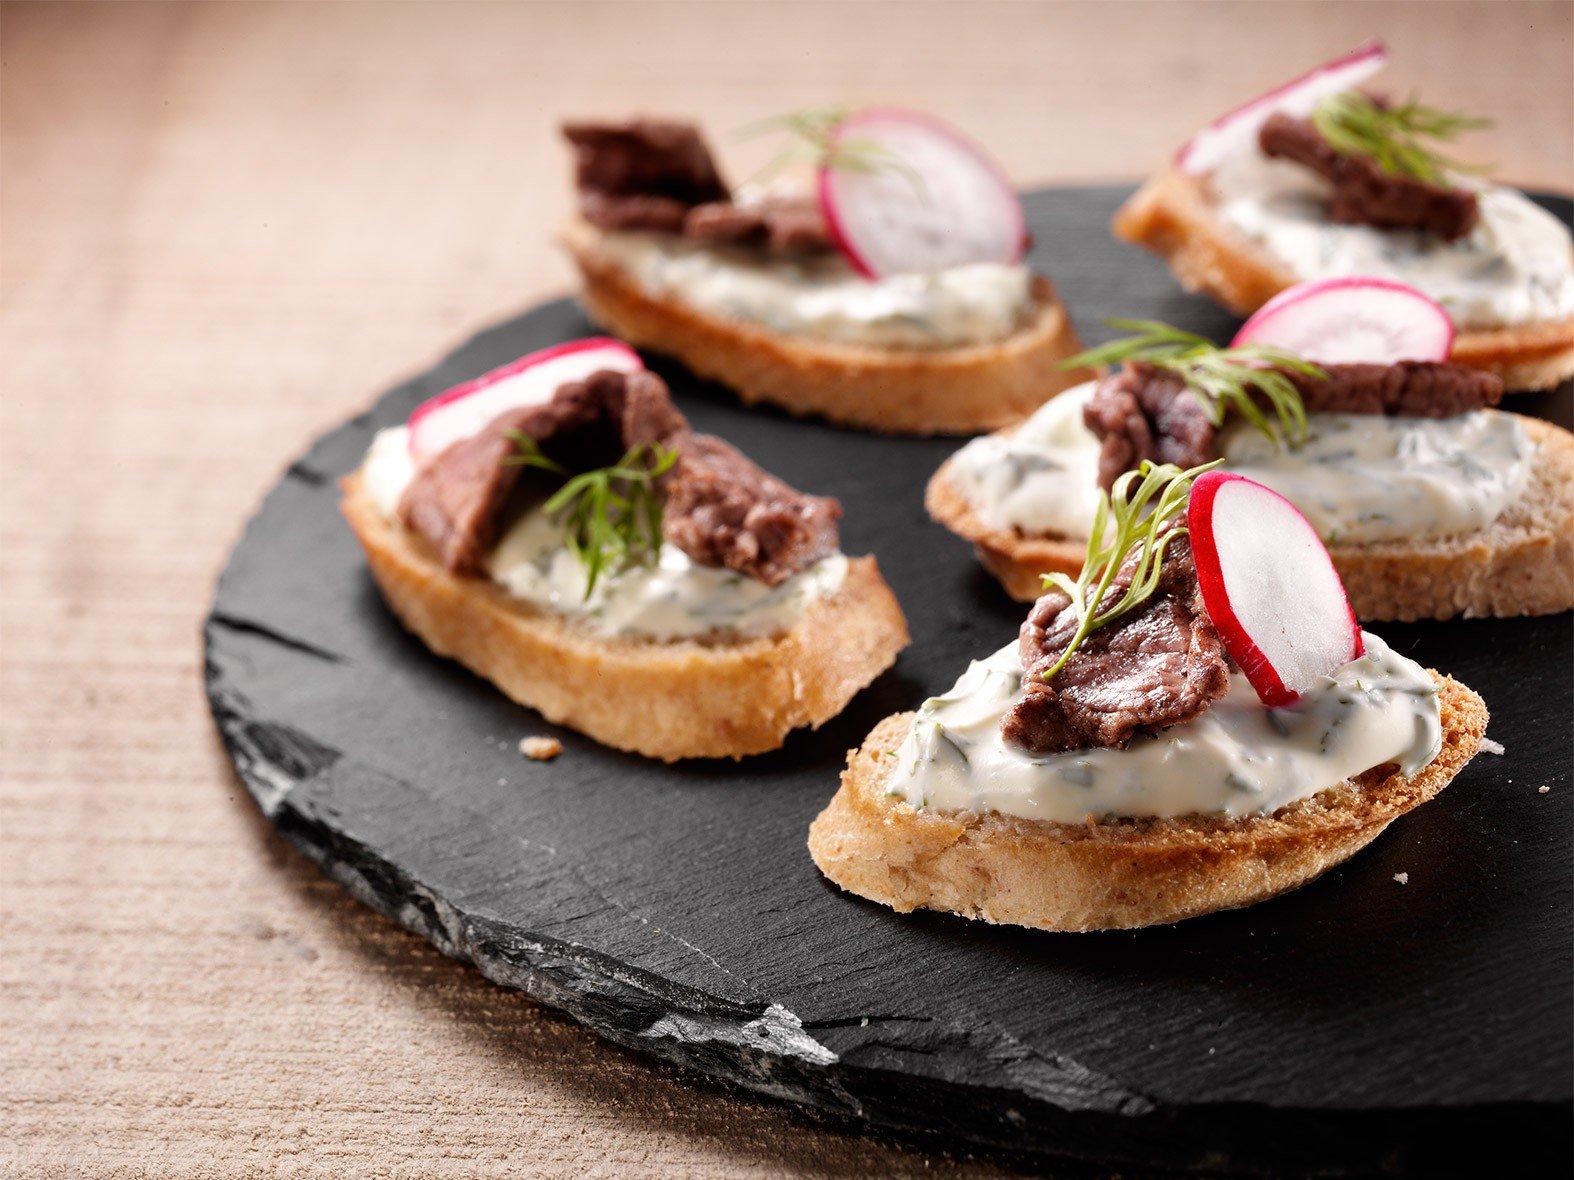 Krokante toastjes met frisse spread en rundreepjes